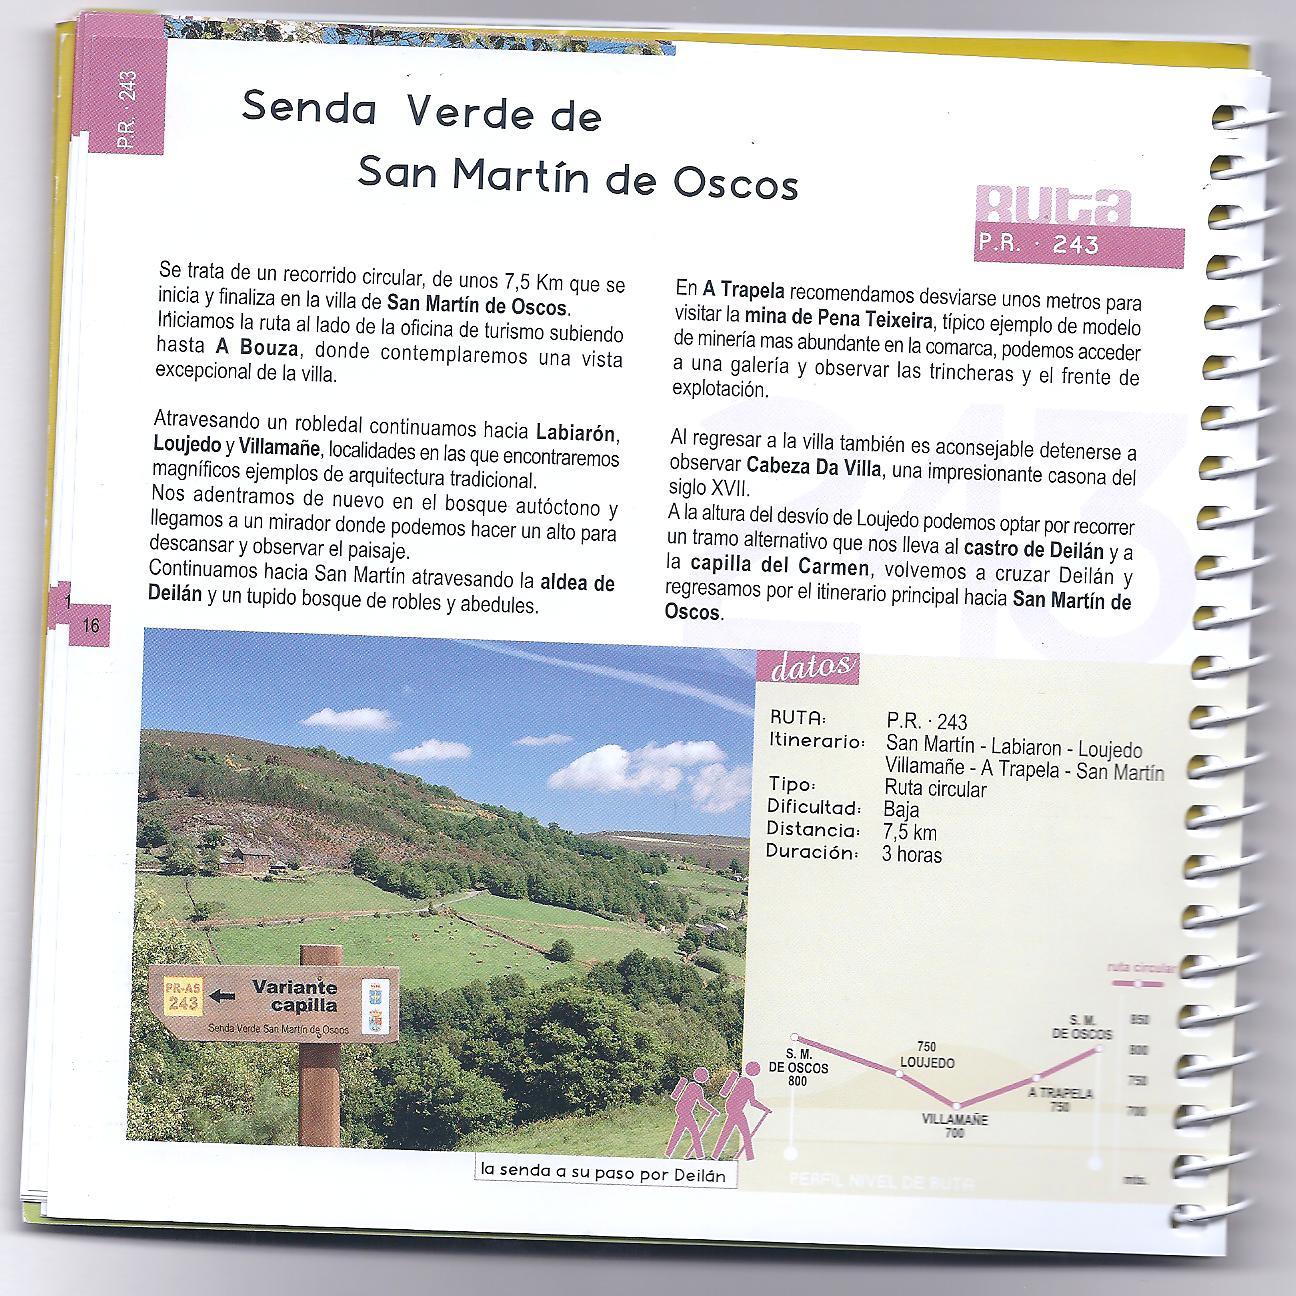 Senda Verde de San Martín de Oscos